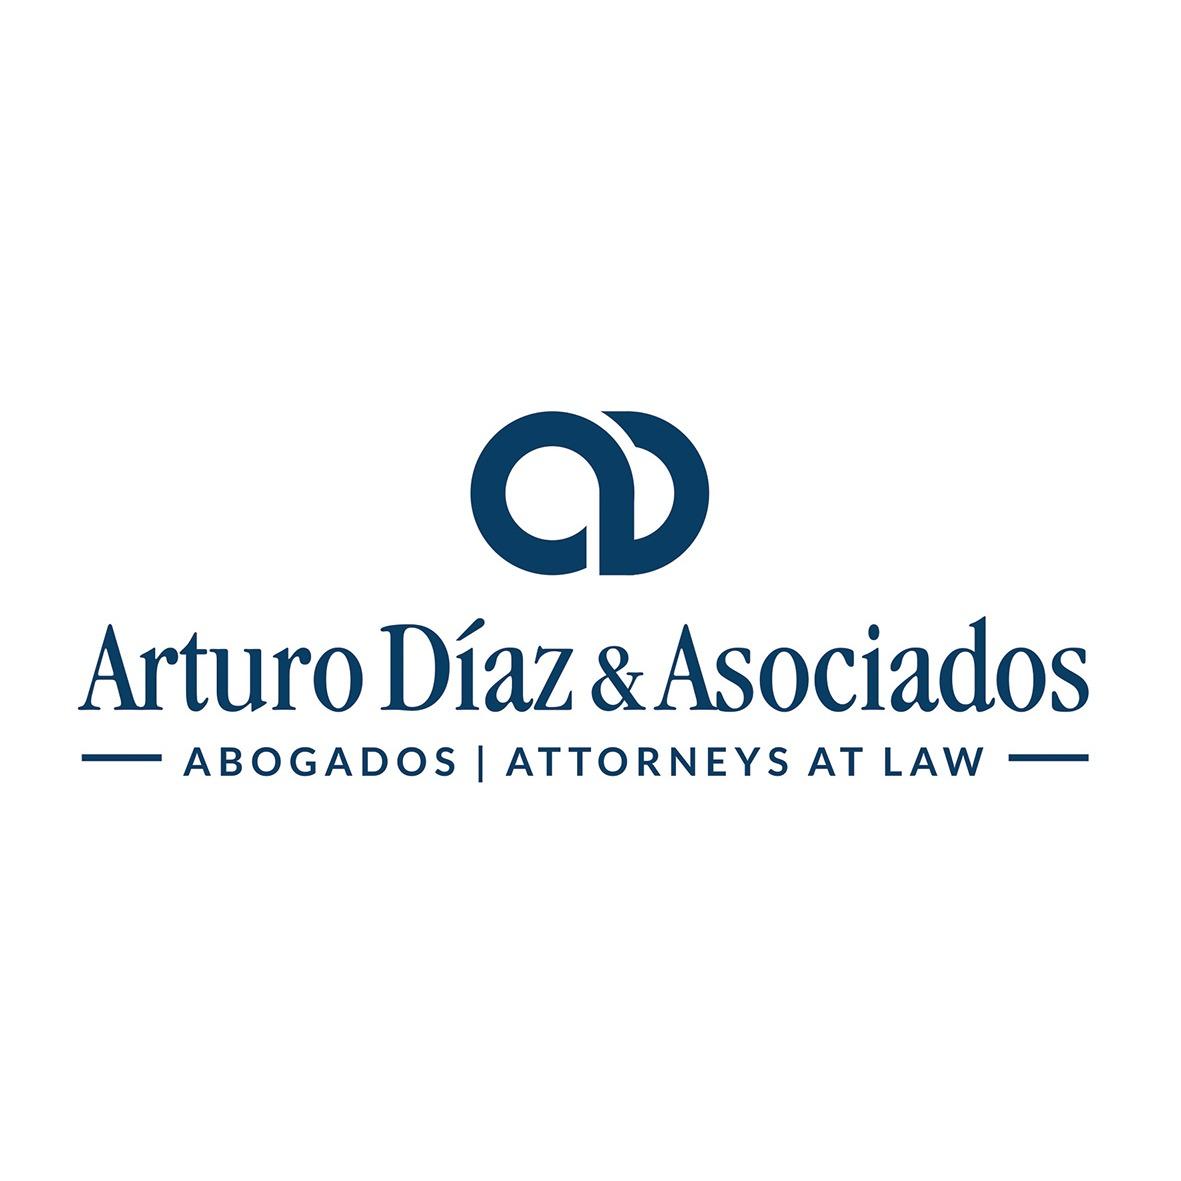 the Arturo Diaz & Asociados logo.